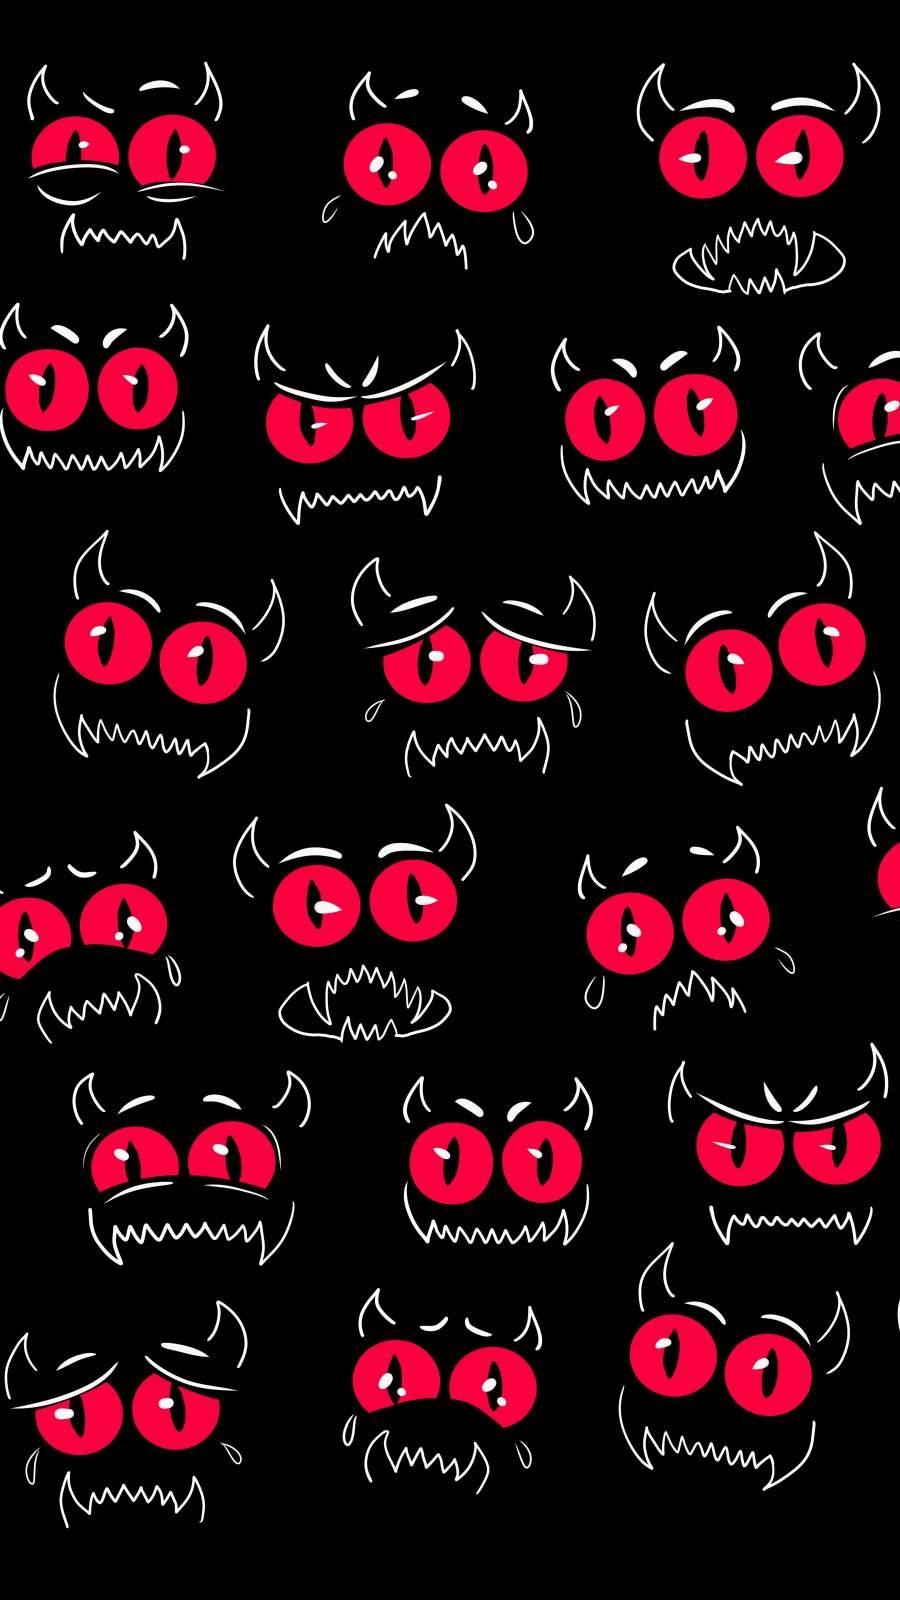 Monster Emotion Faces